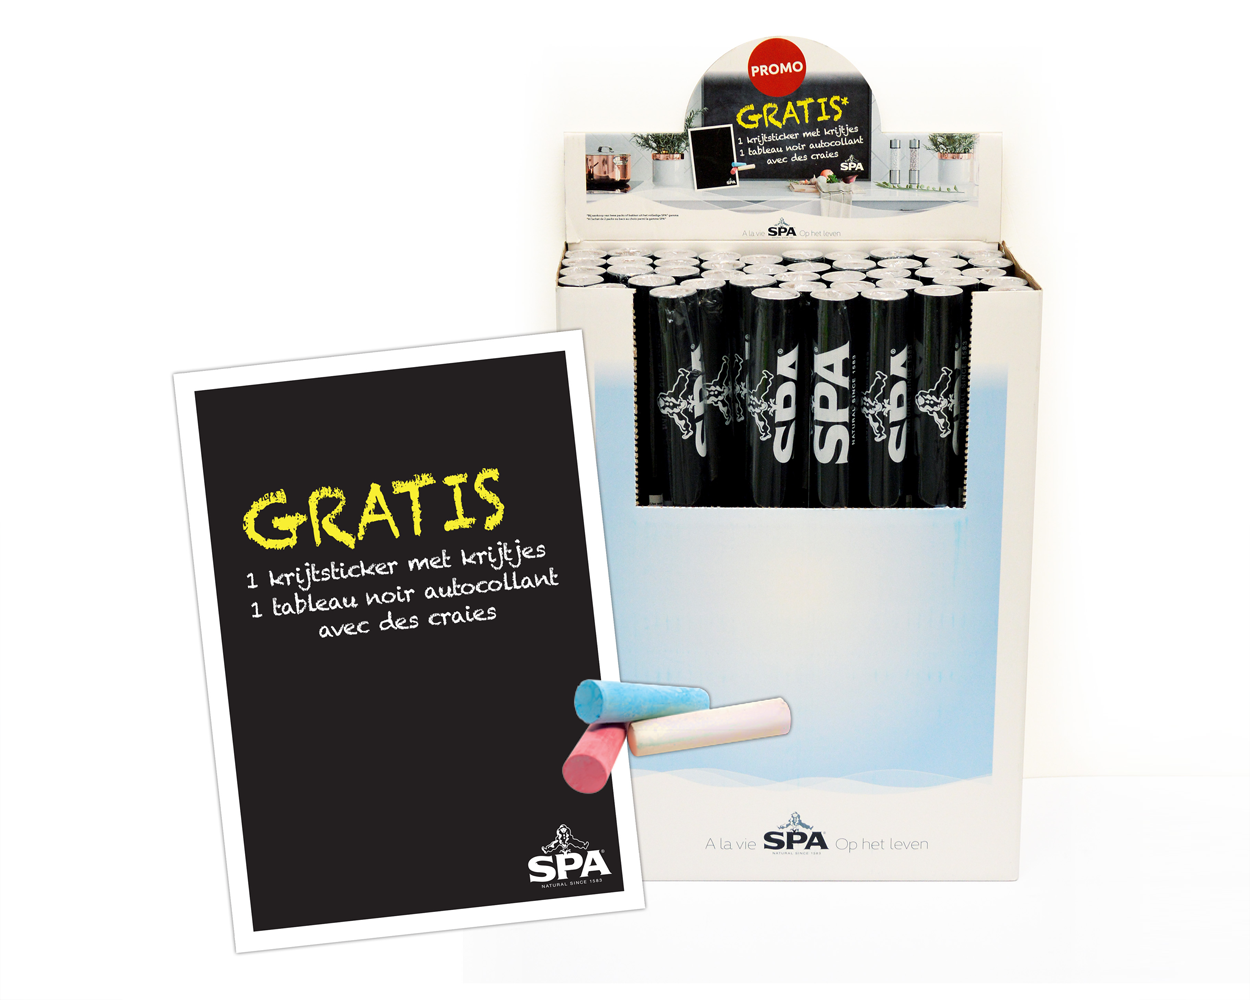 Spa krijtsticker & display